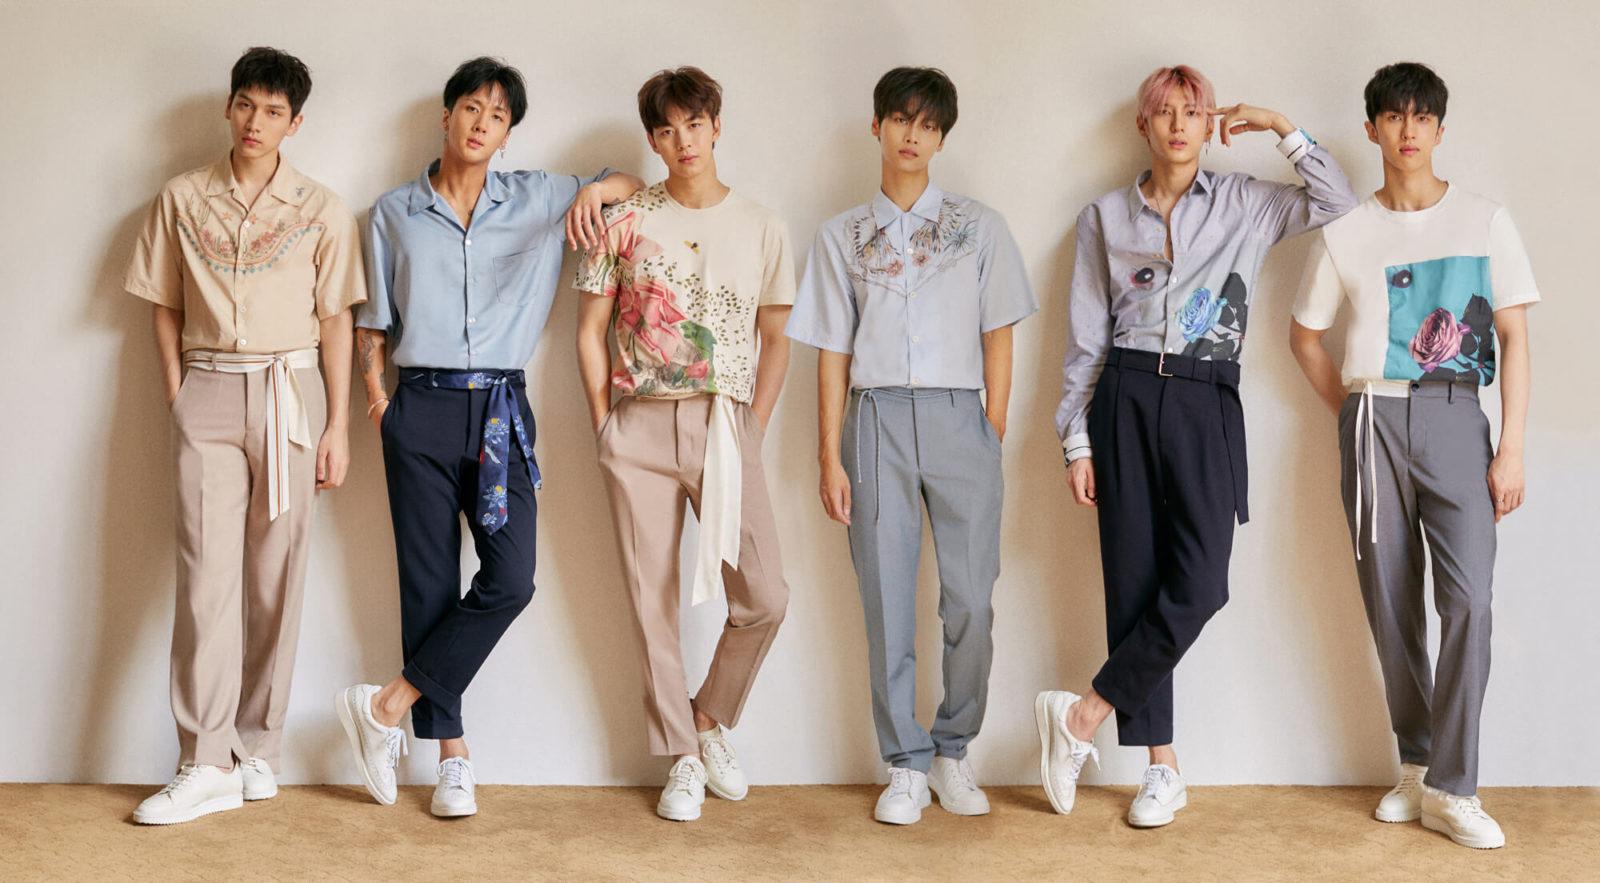 VIXX、メンバーNの入隊を控えメッセージソング「歩いている」シングルリリース決定